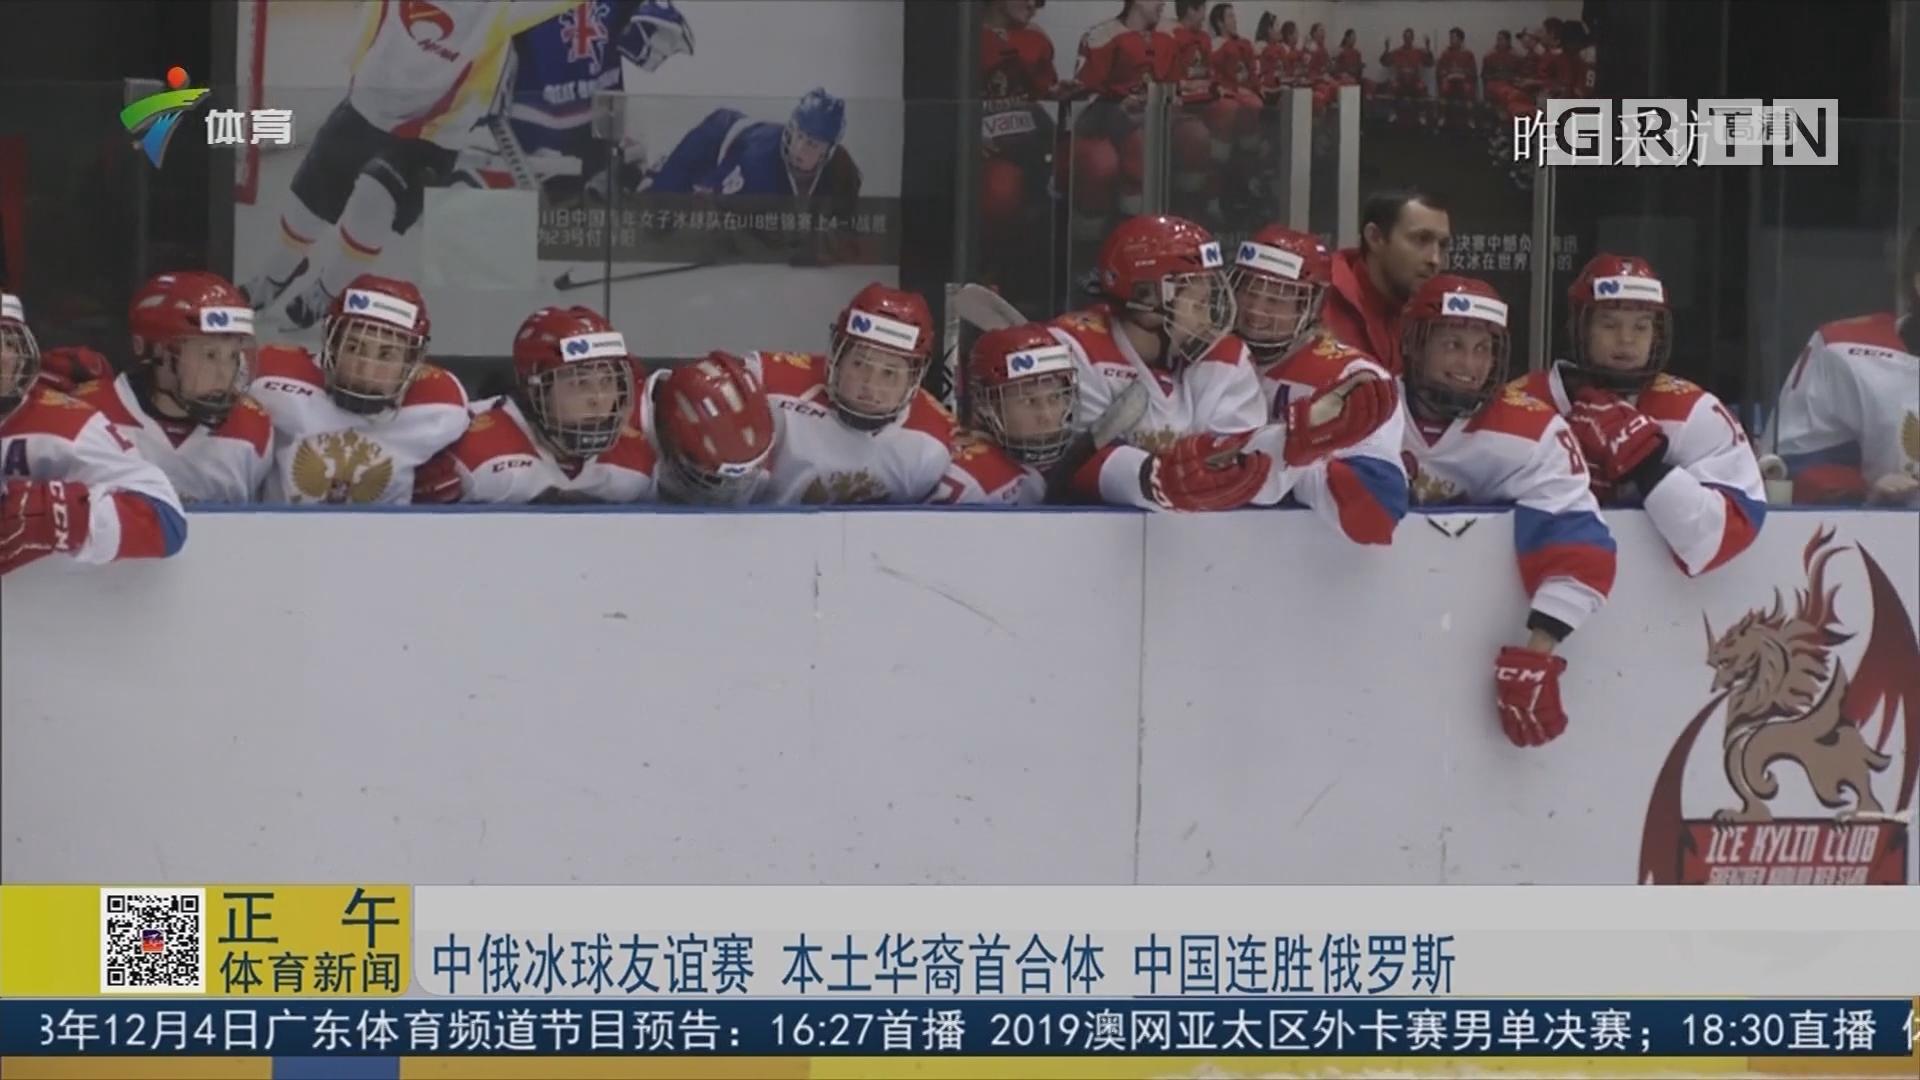 中俄冰球友谊赛 本土华裔首合体 中国连胜俄罗斯